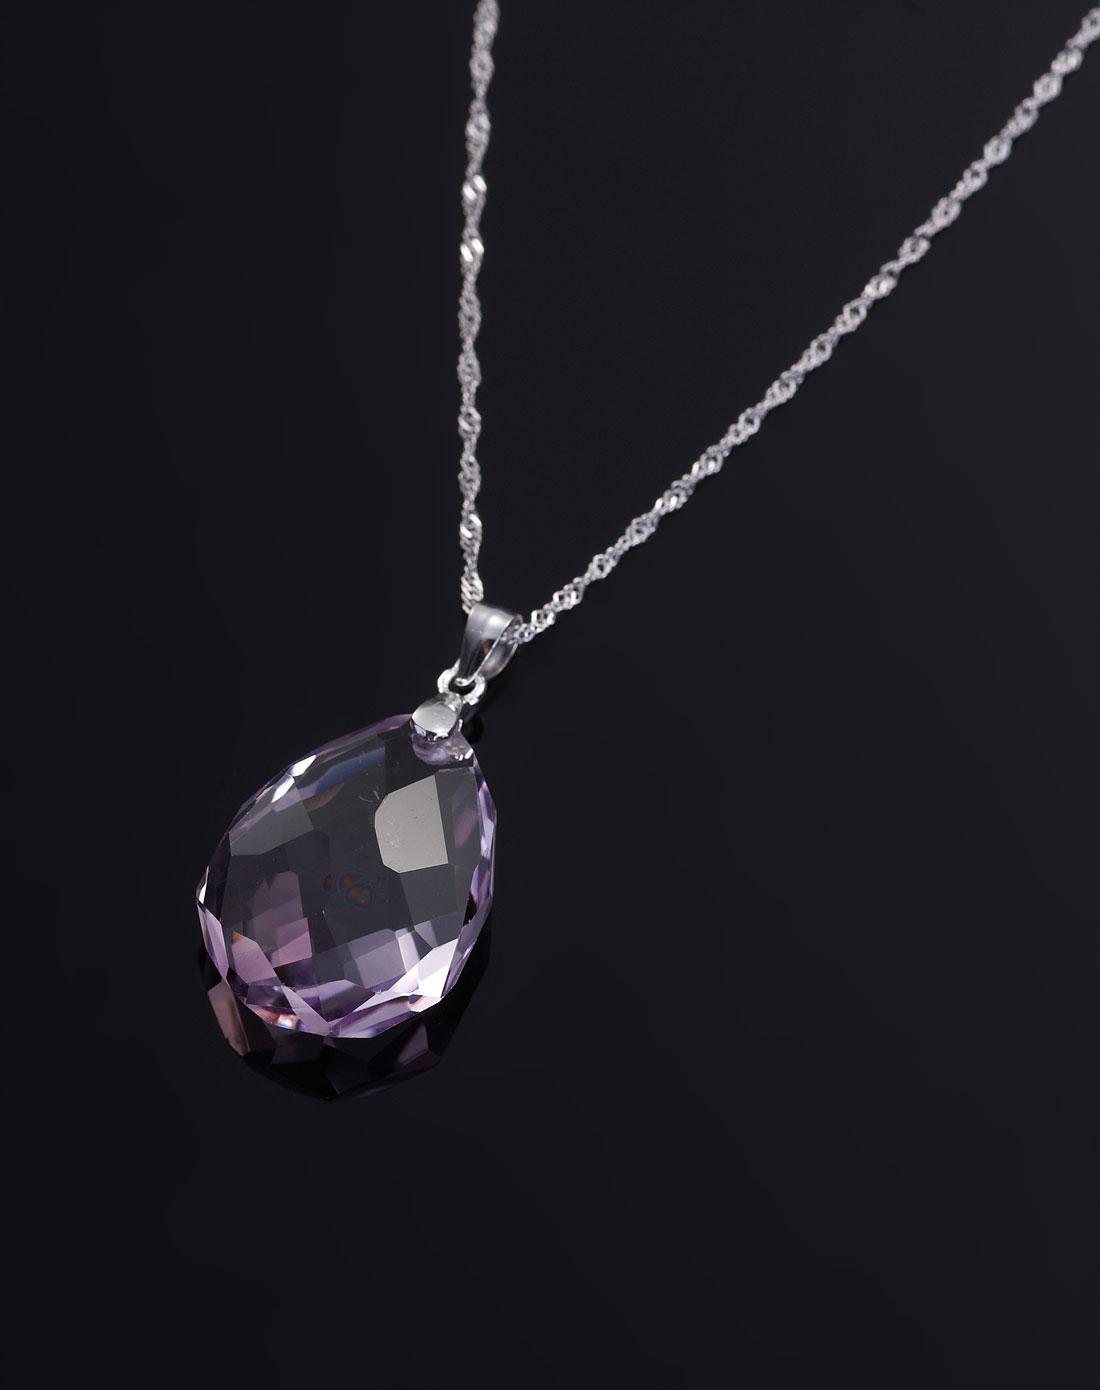 天然紫水晶水滴切面吊坠(配925银扣银项链)